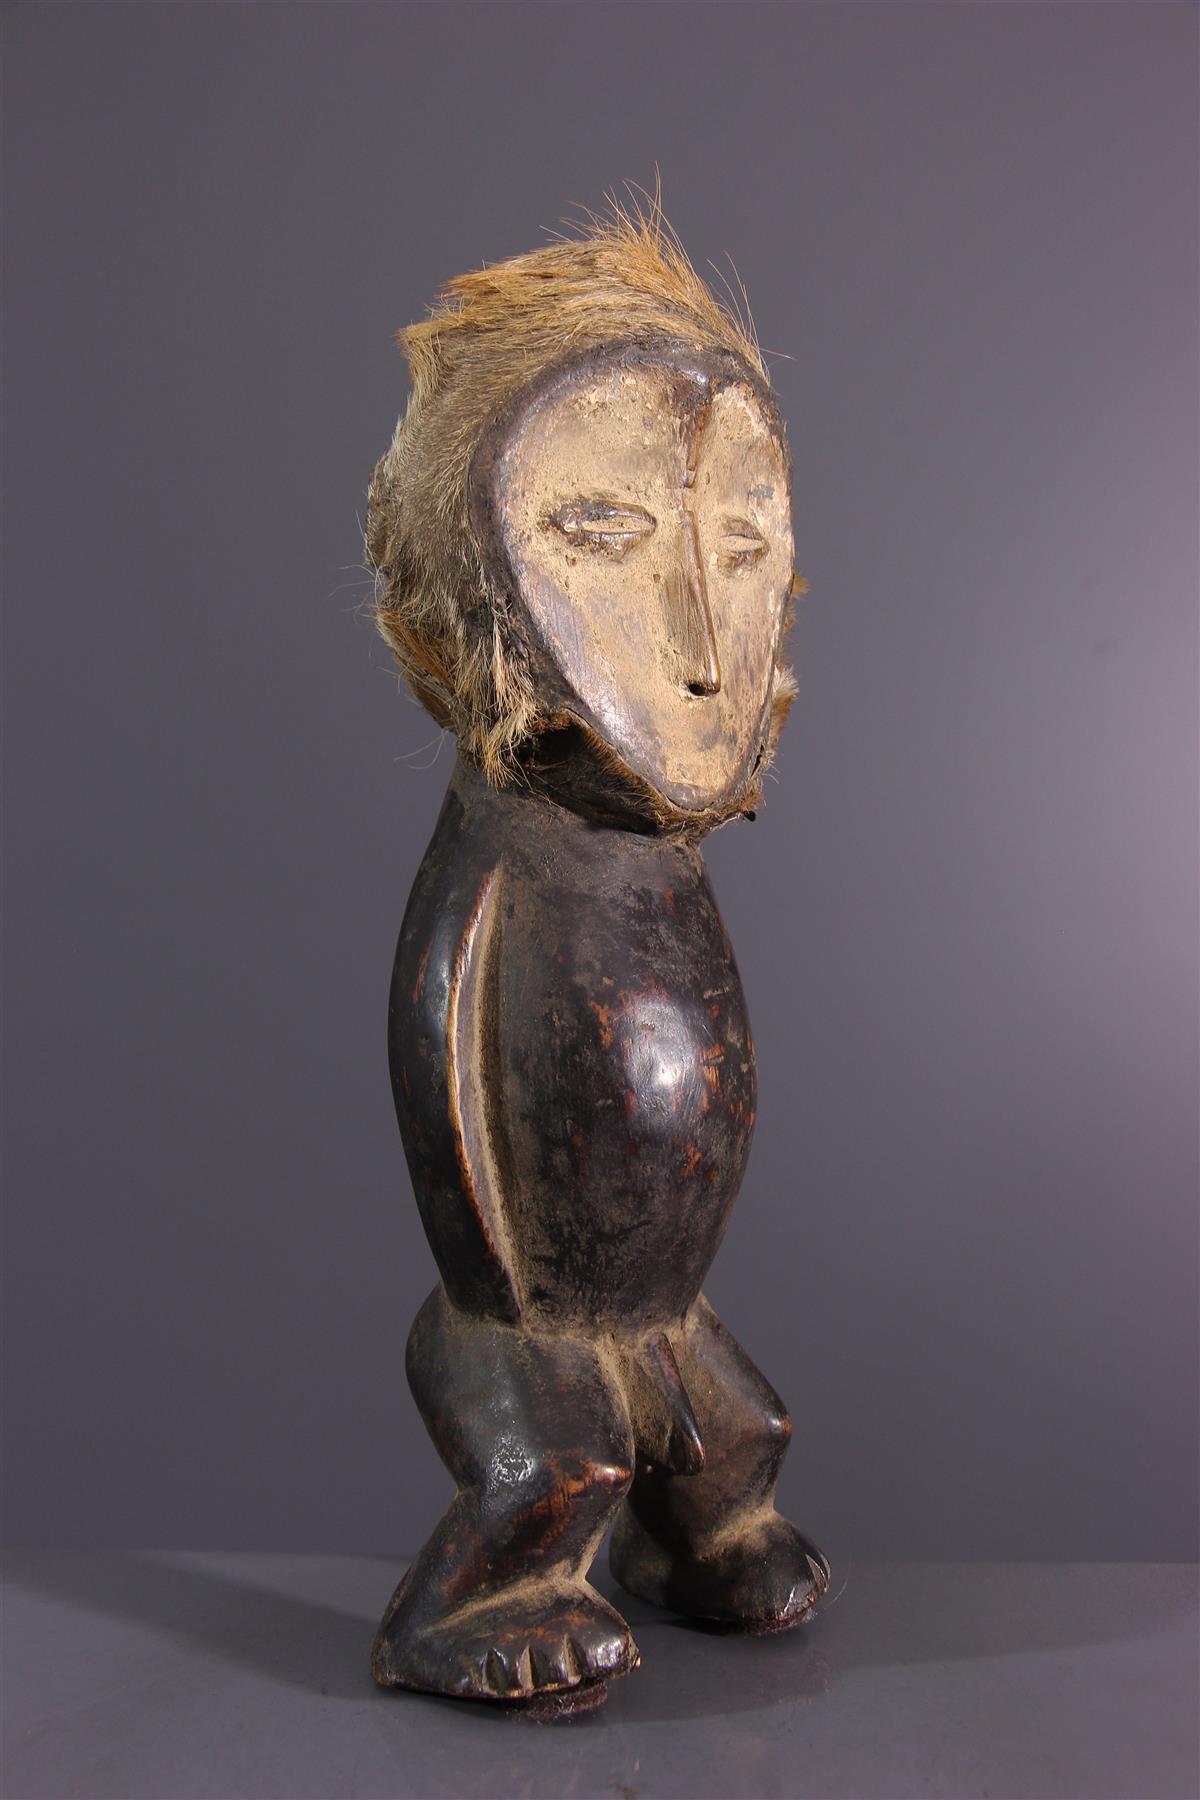 Lega Kakulu beeldje - Afrikaanse kunst